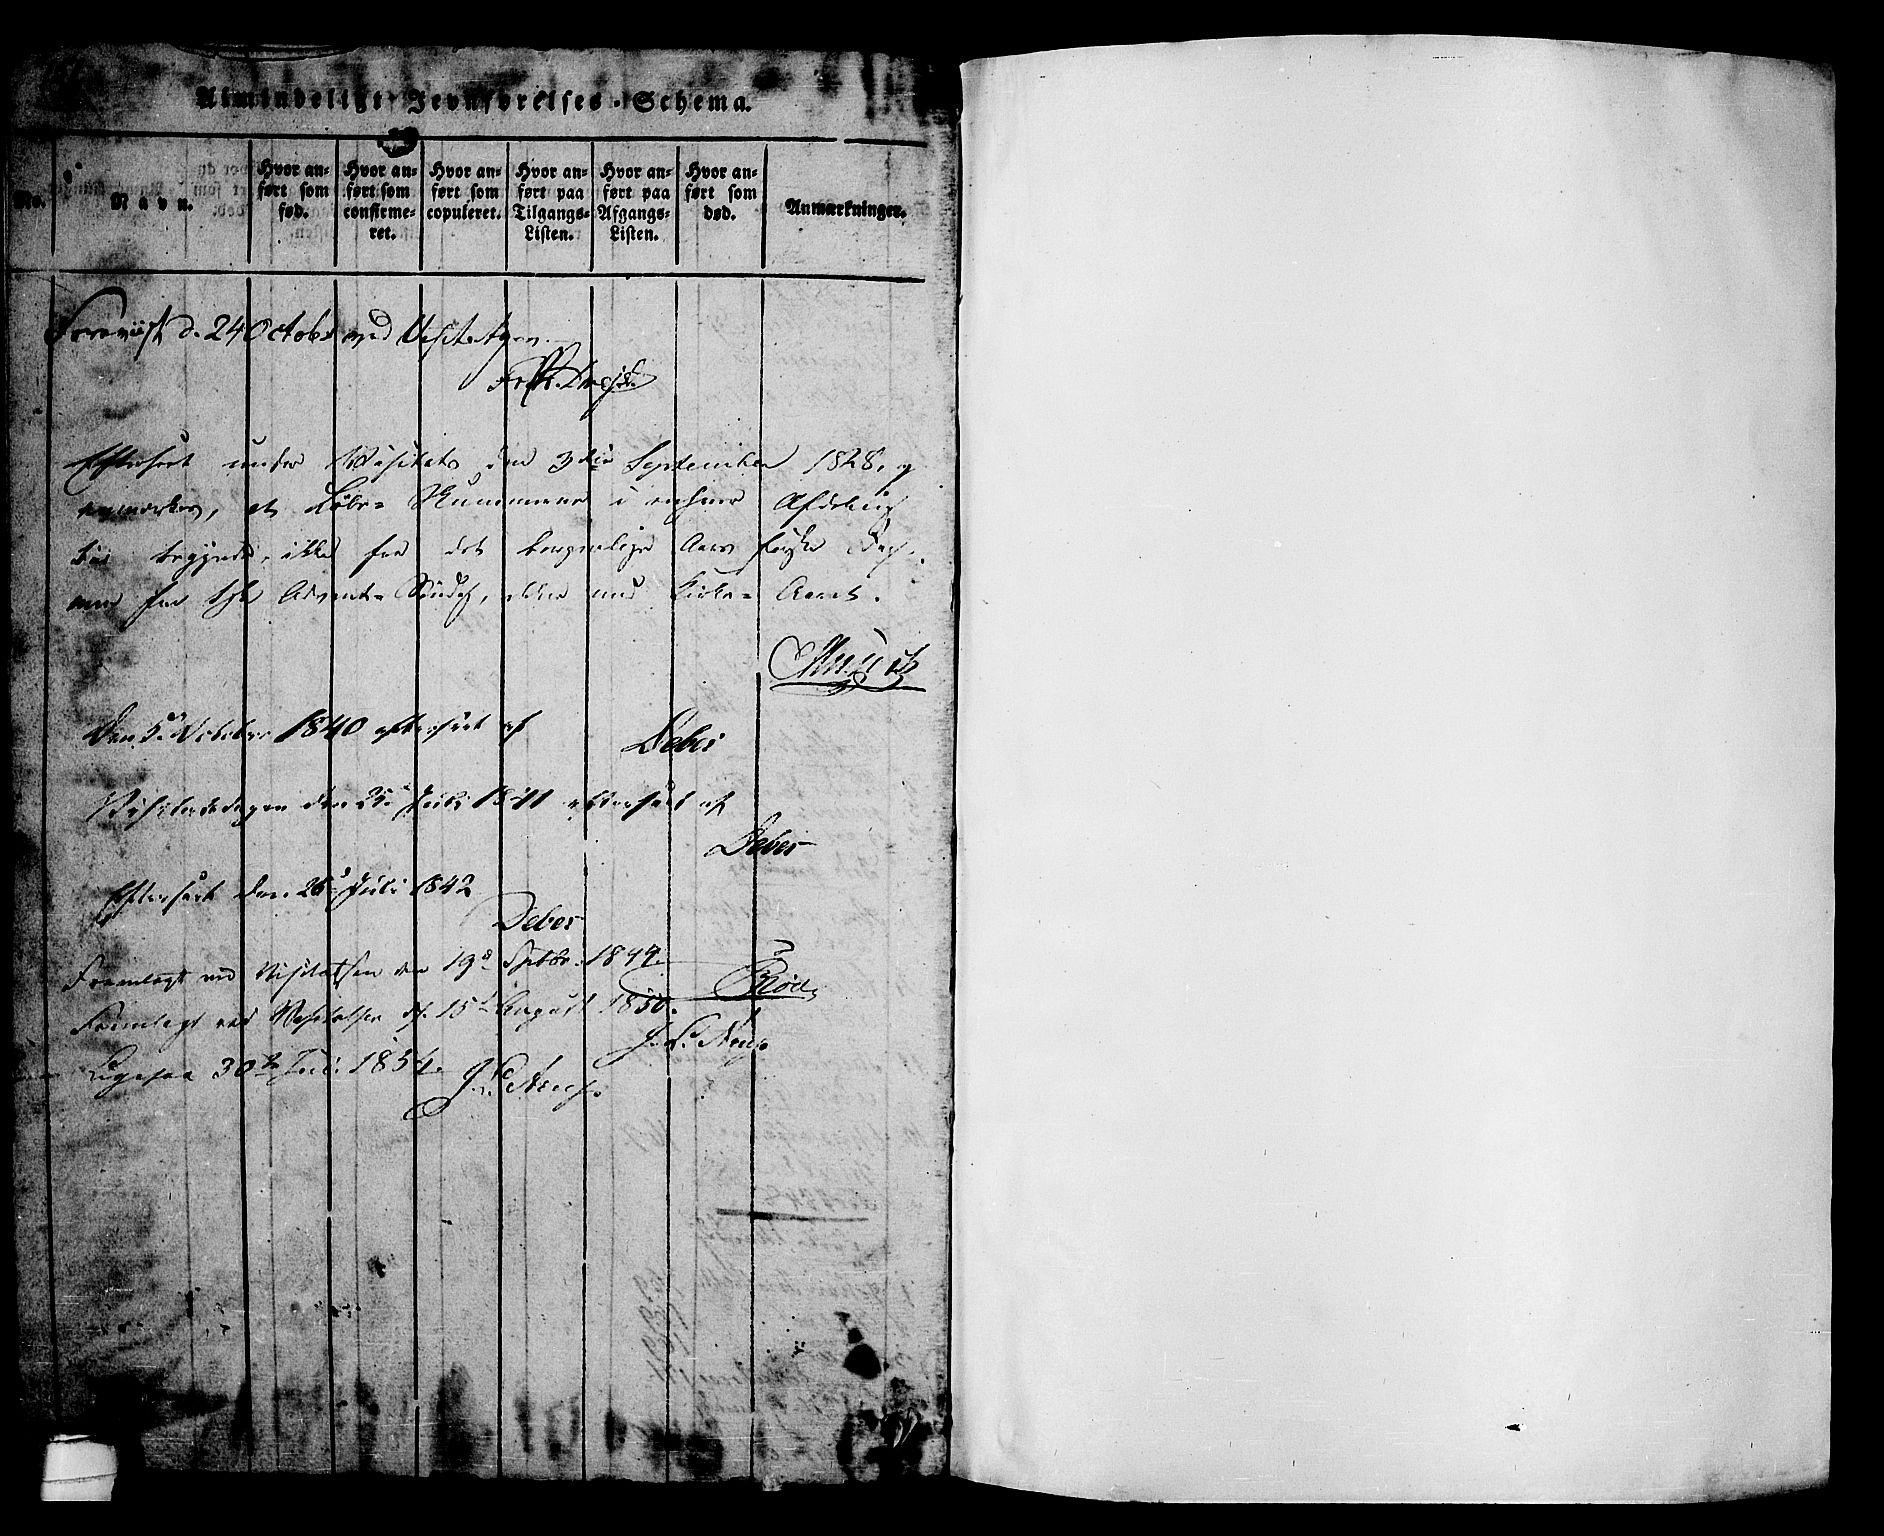 SAKO, Langesund kirkebøker, G/Ga/L0003: Klokkerbok nr. 3, 1815-1858, s. 751-752